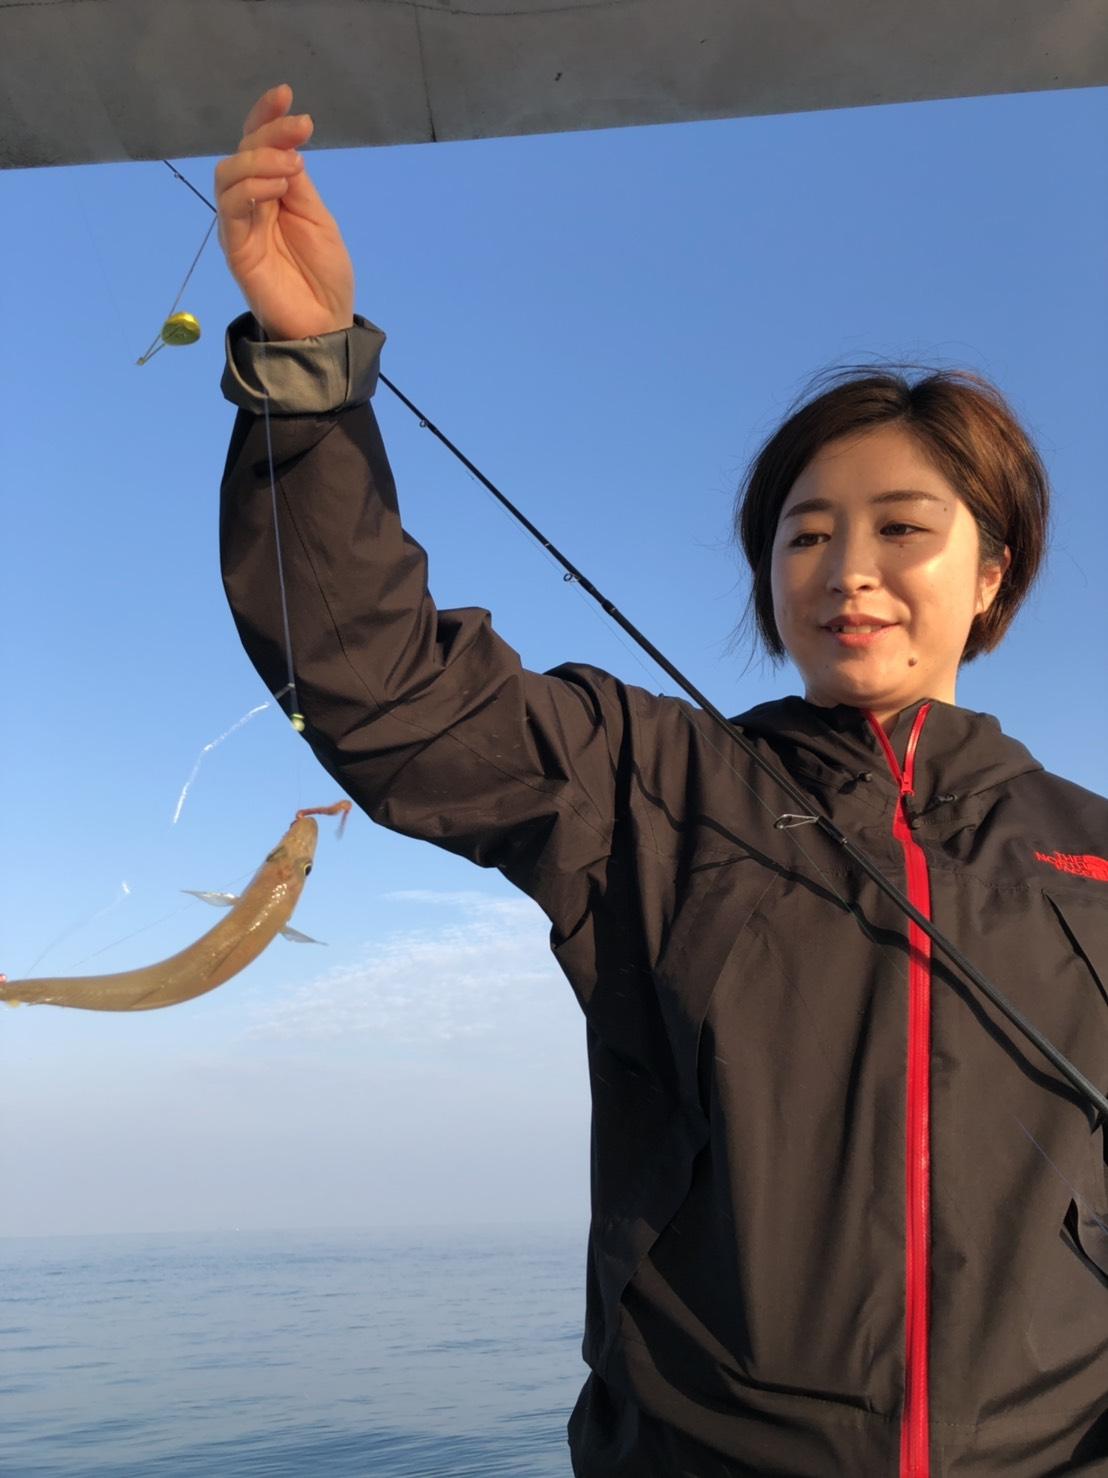 雨上がり!釣って楽しく食べて美味しいシロギス釣り☀